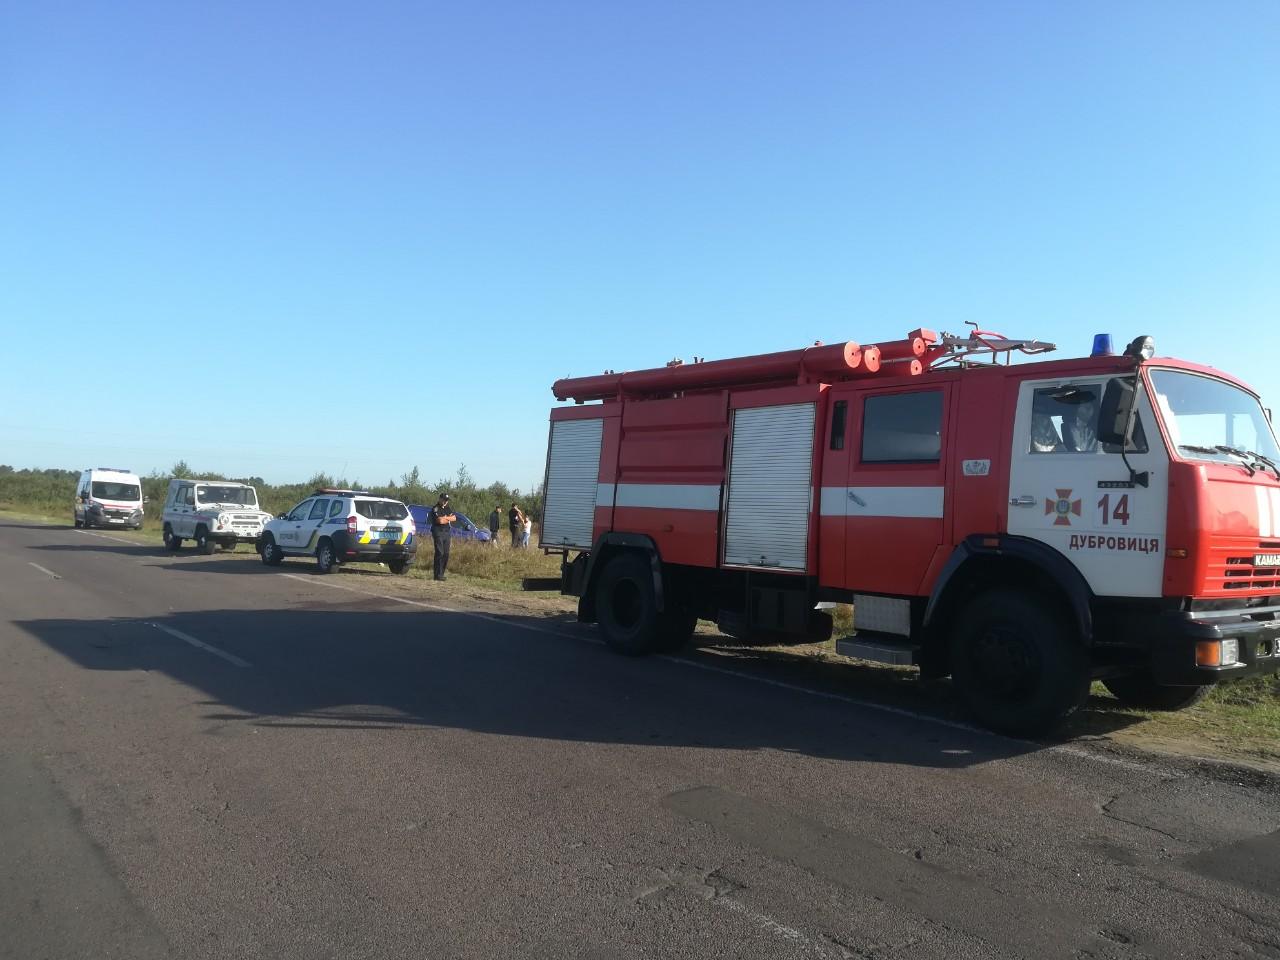 Дубровицькі рятувальники надали допомогу по діставанню легкового автомобіля з кювету